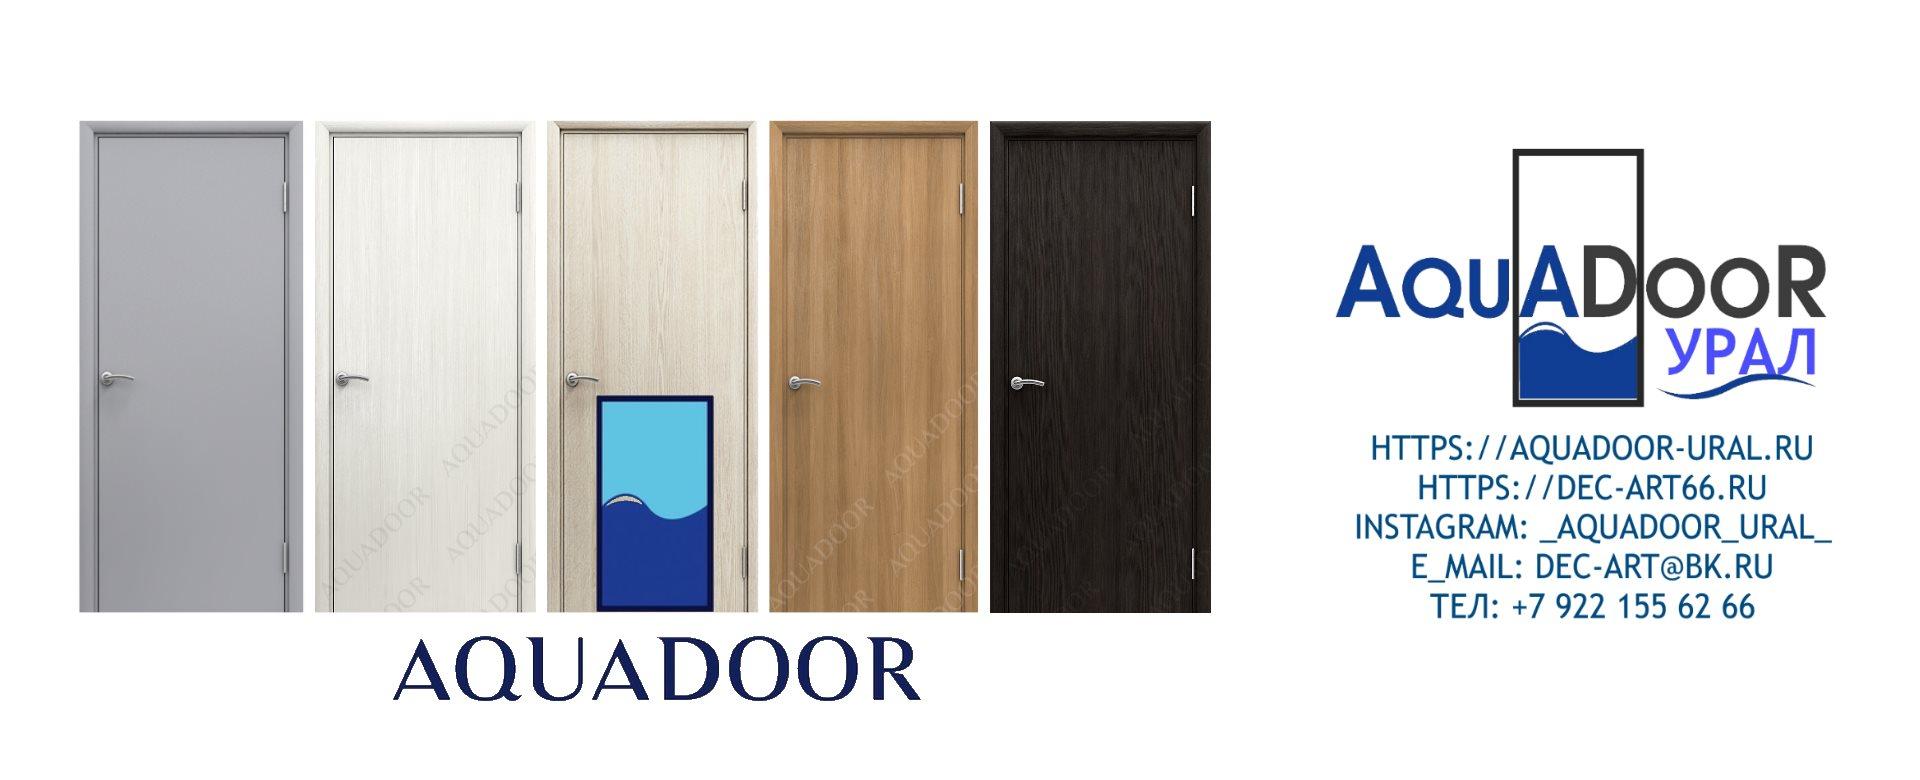 Гладкие цветные двери AQUADOOR